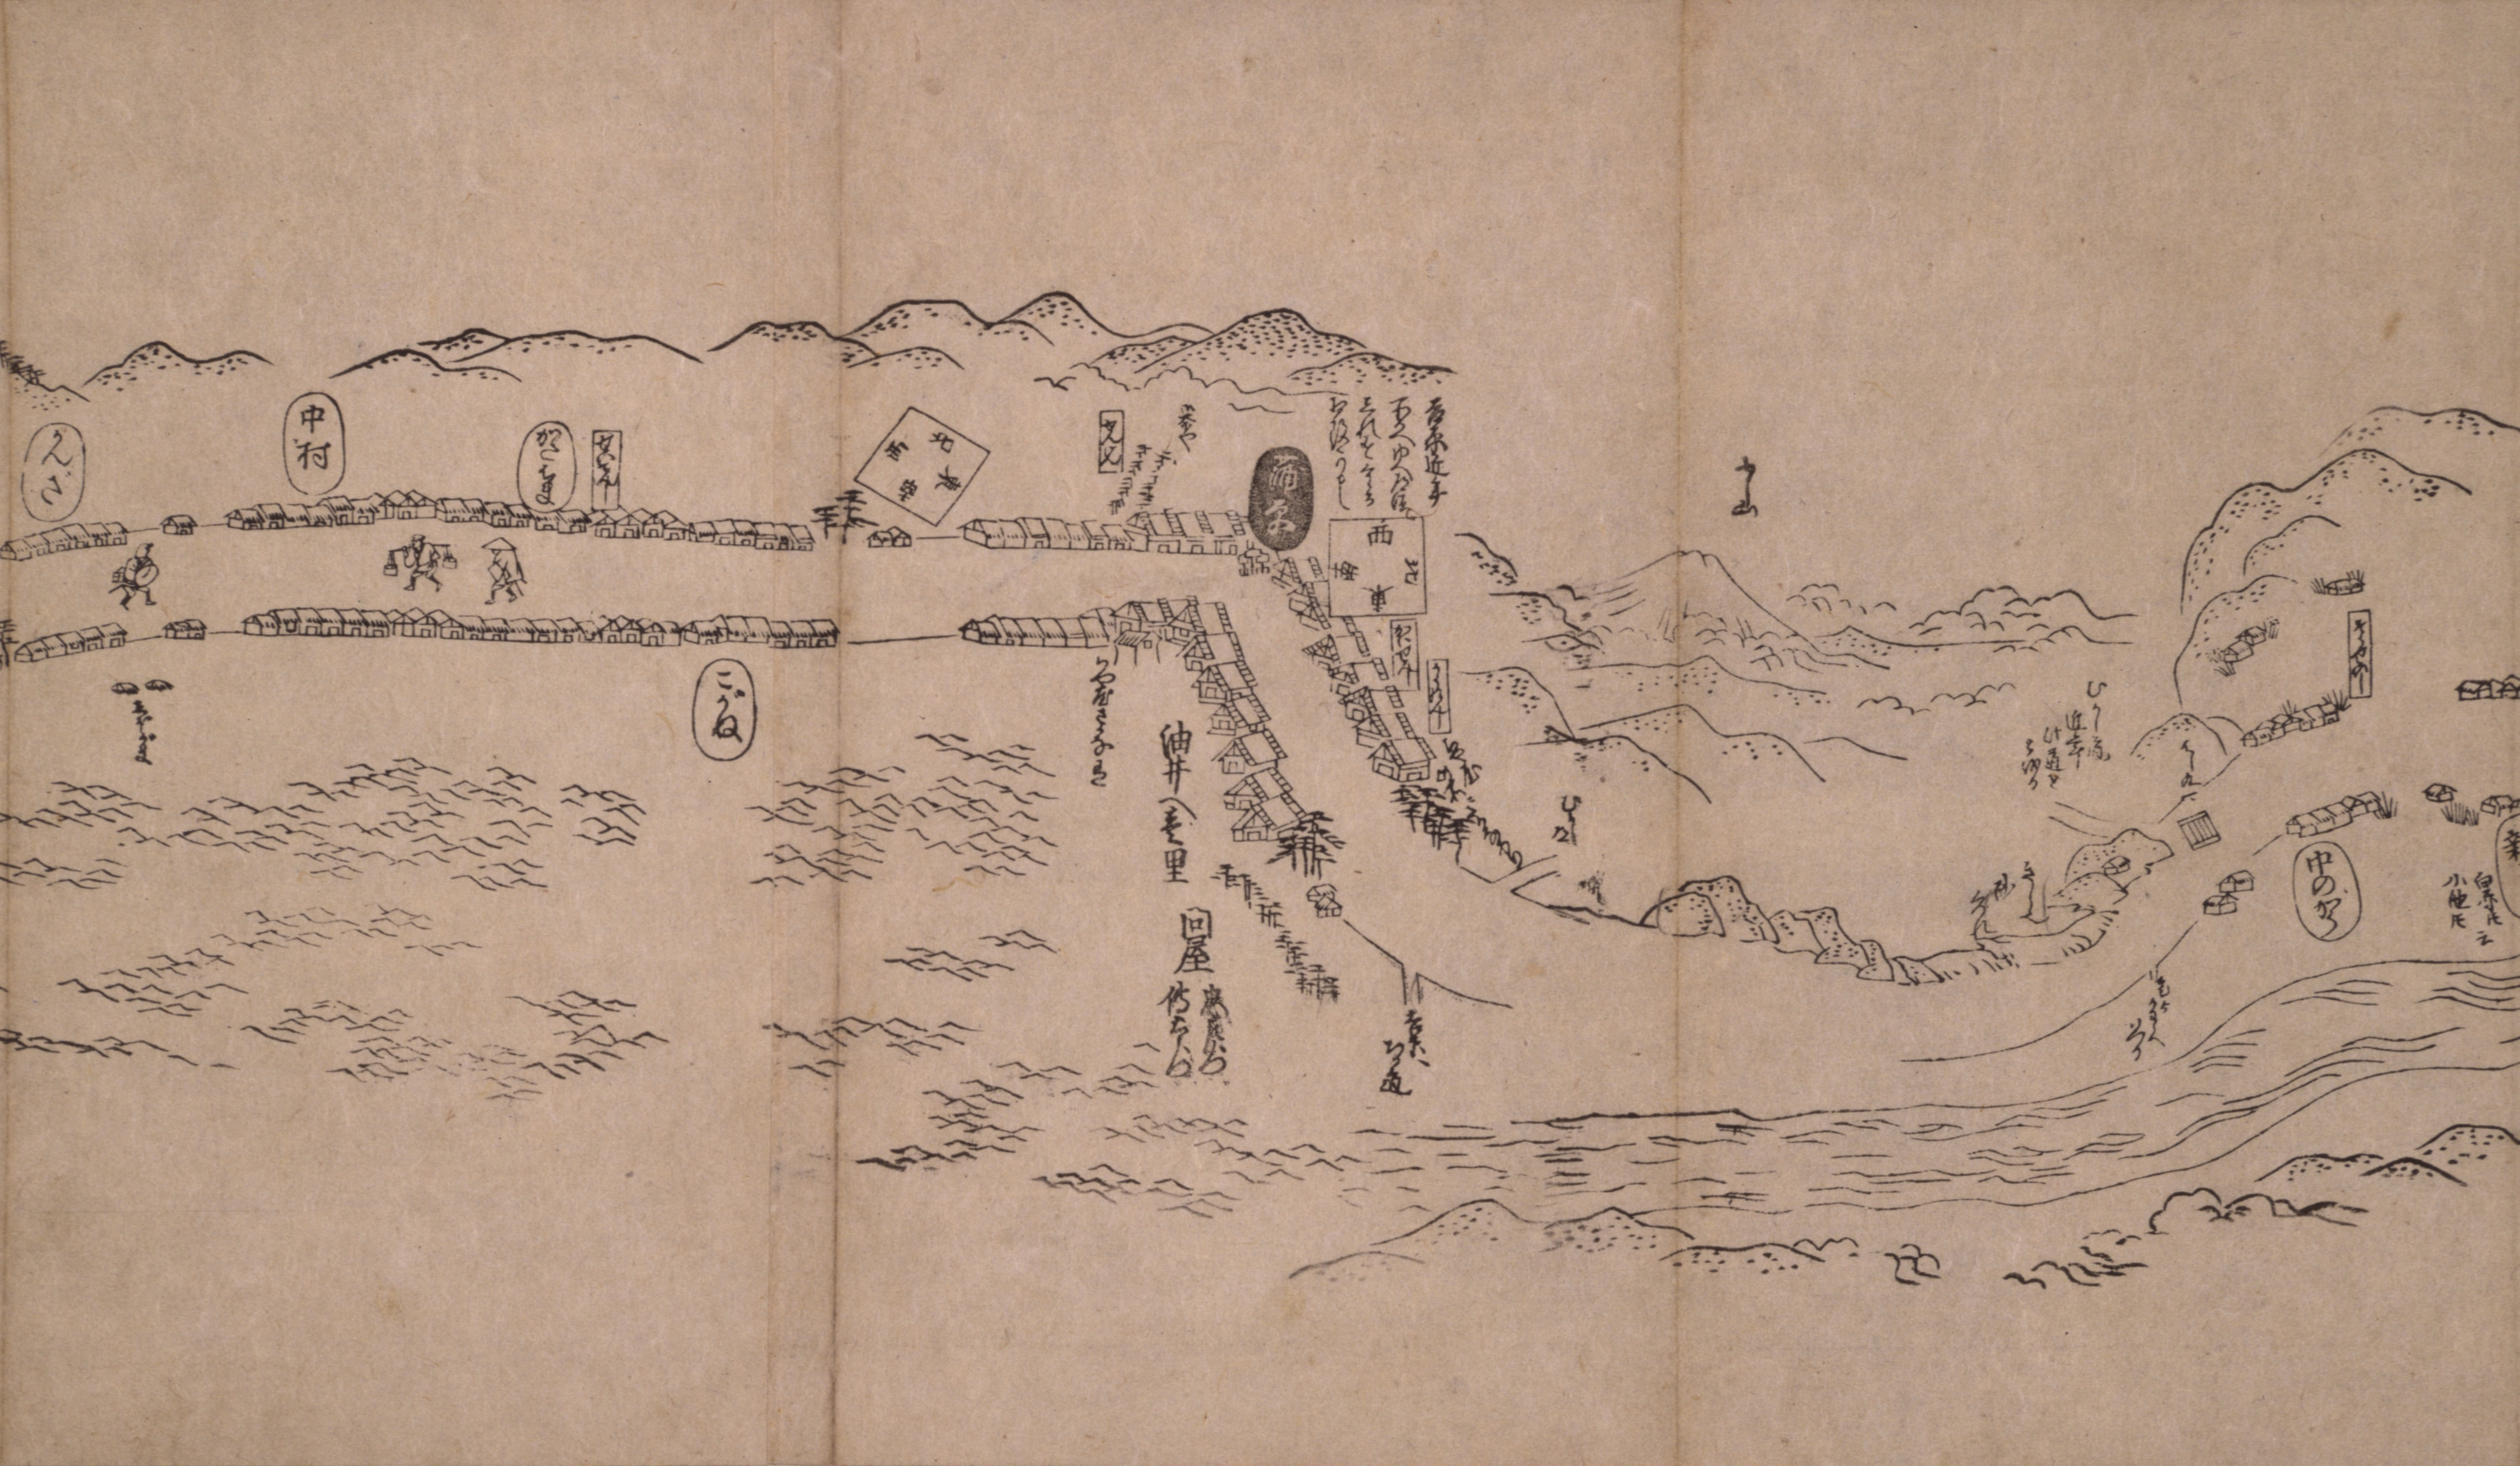 東海道分間之図 二十五